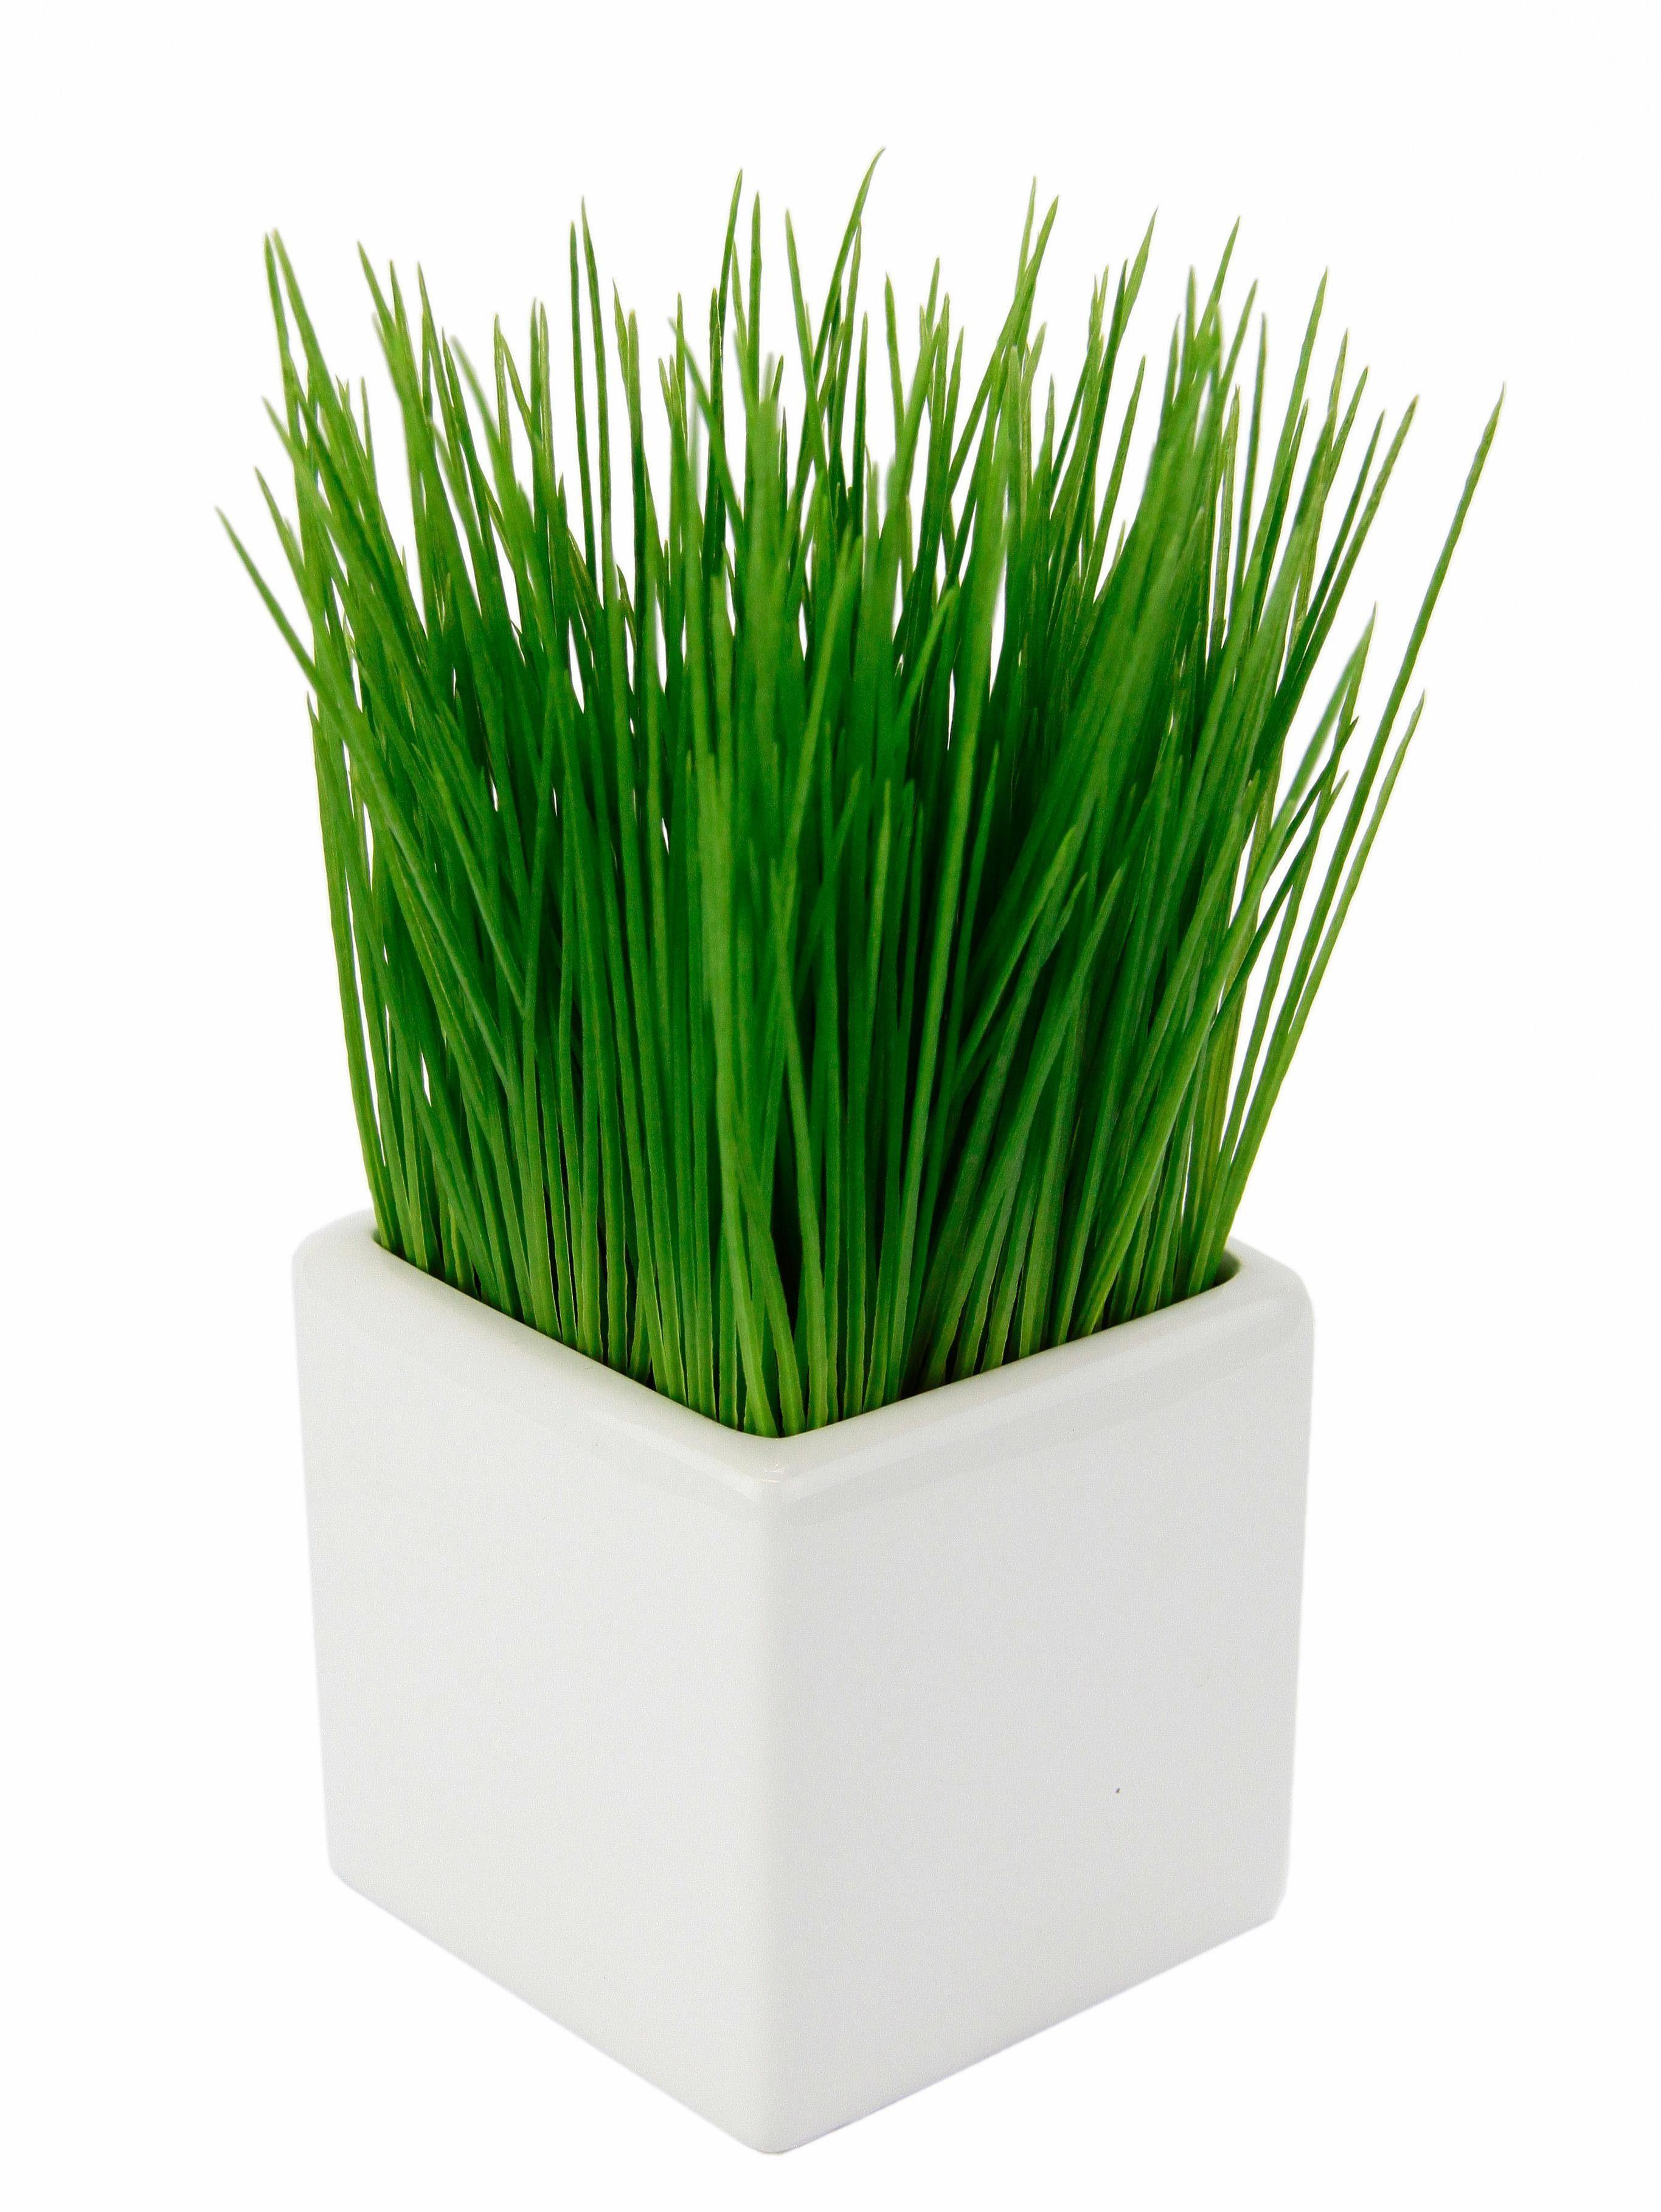 Kunstpflanze Gras In weiem Topf aus Keramik online kaufen  OTTO